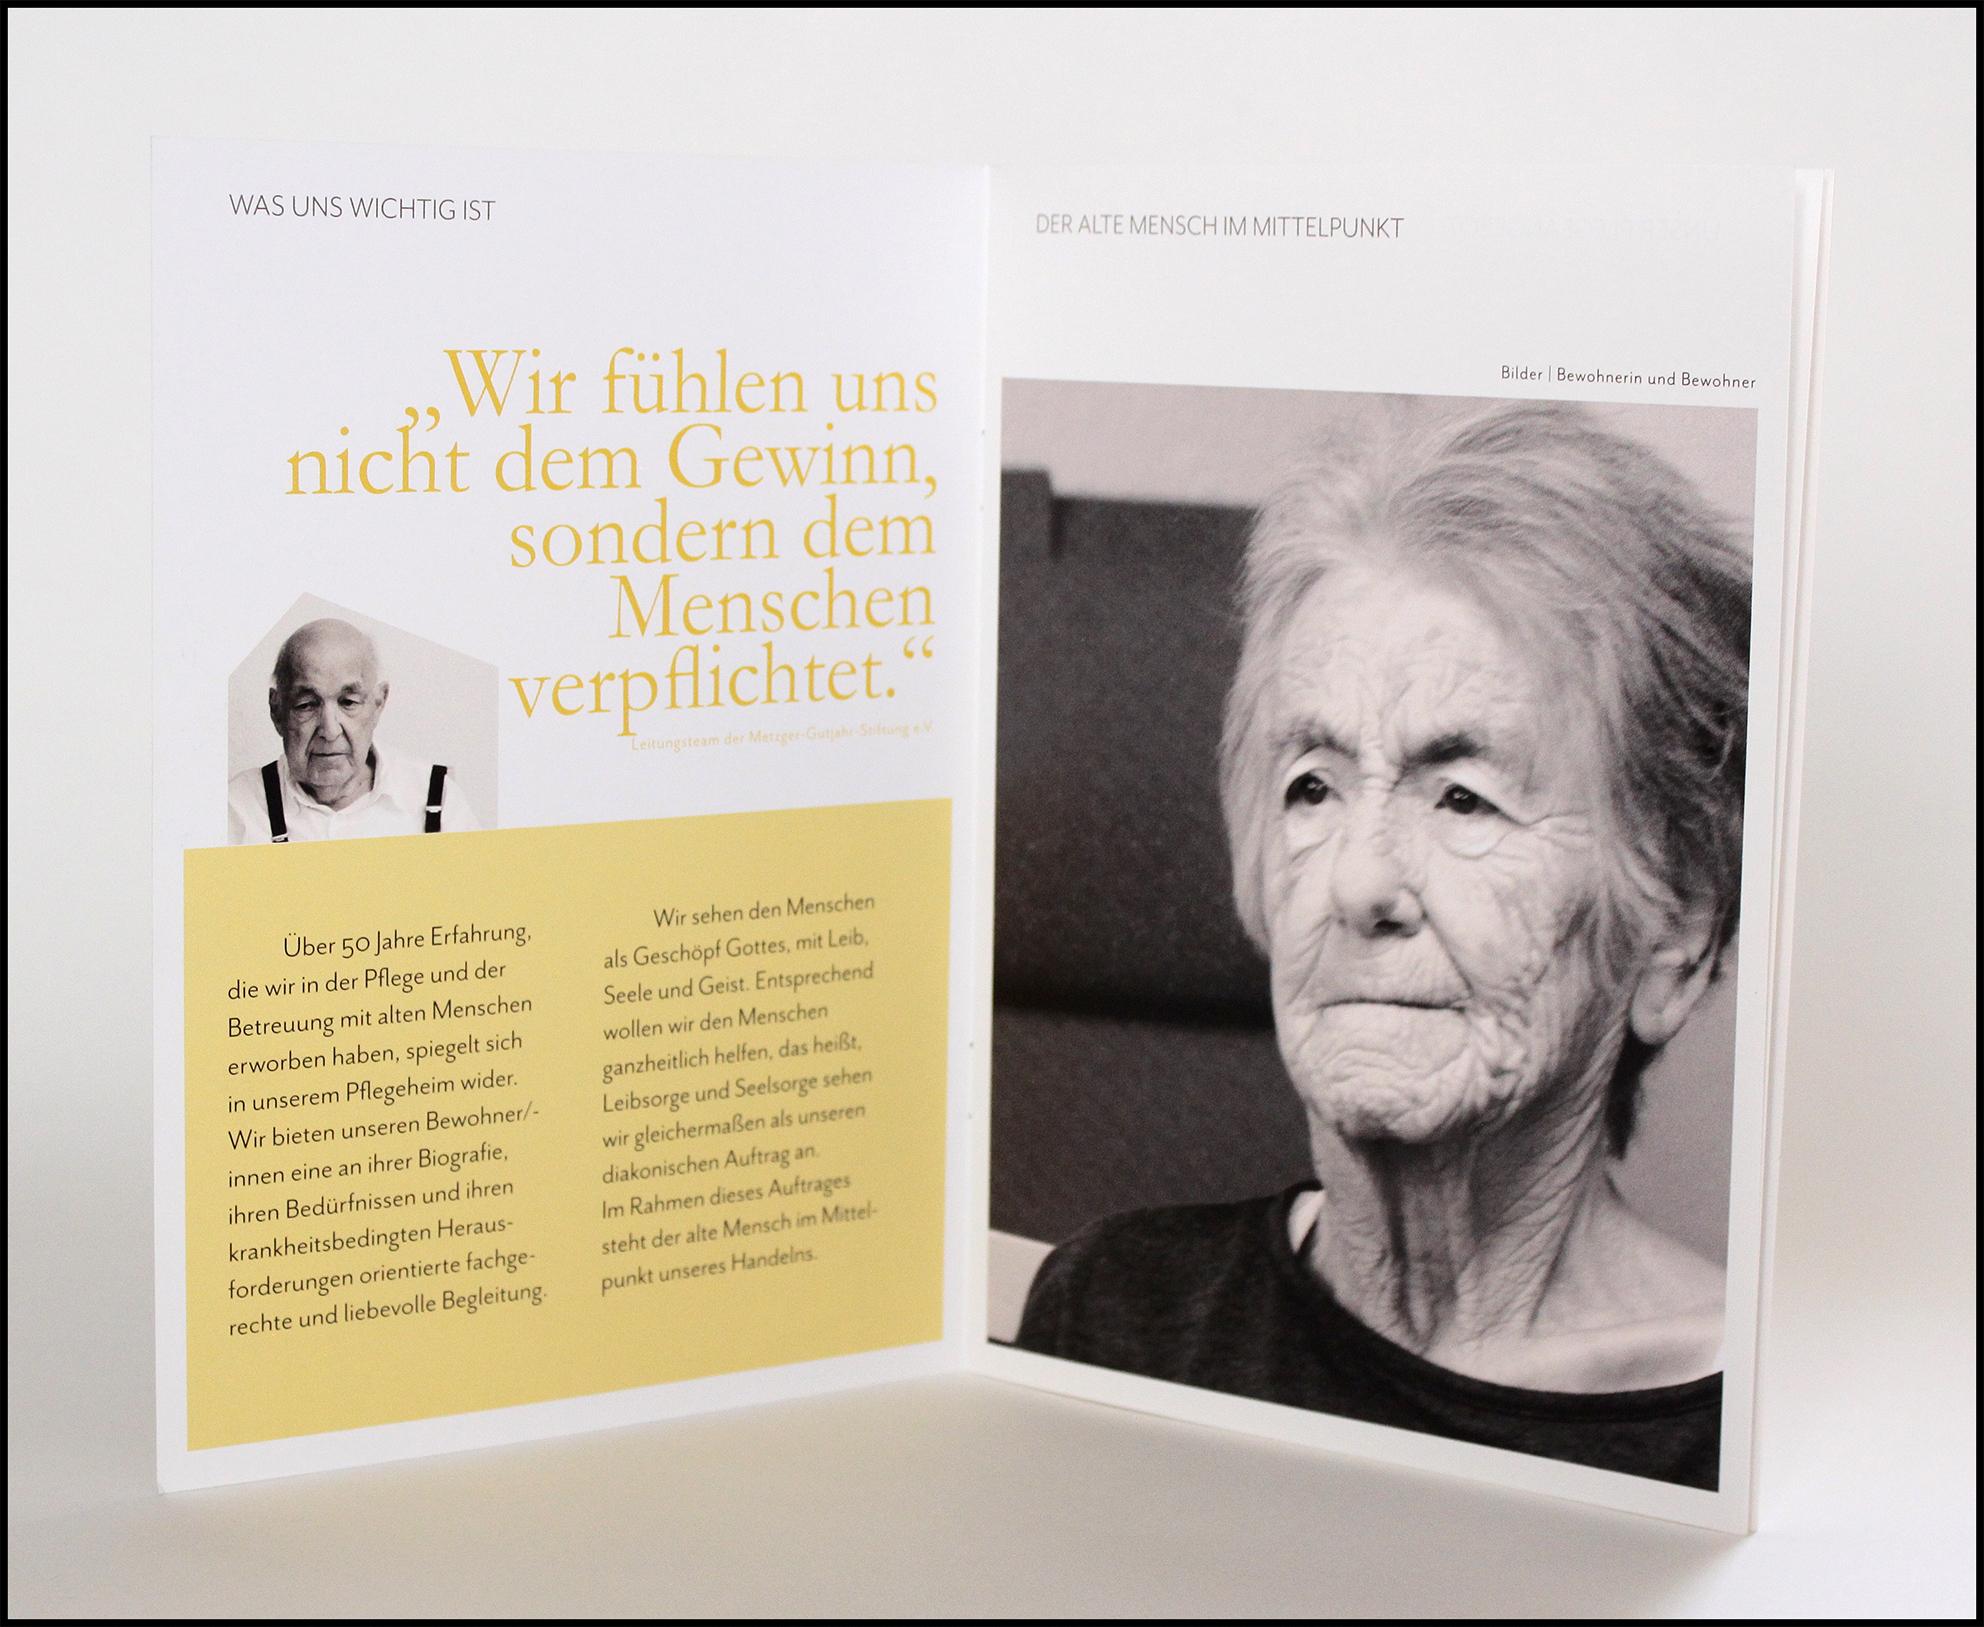 Innenseite_Infomationsbroschüre Seniorenpflegeheim